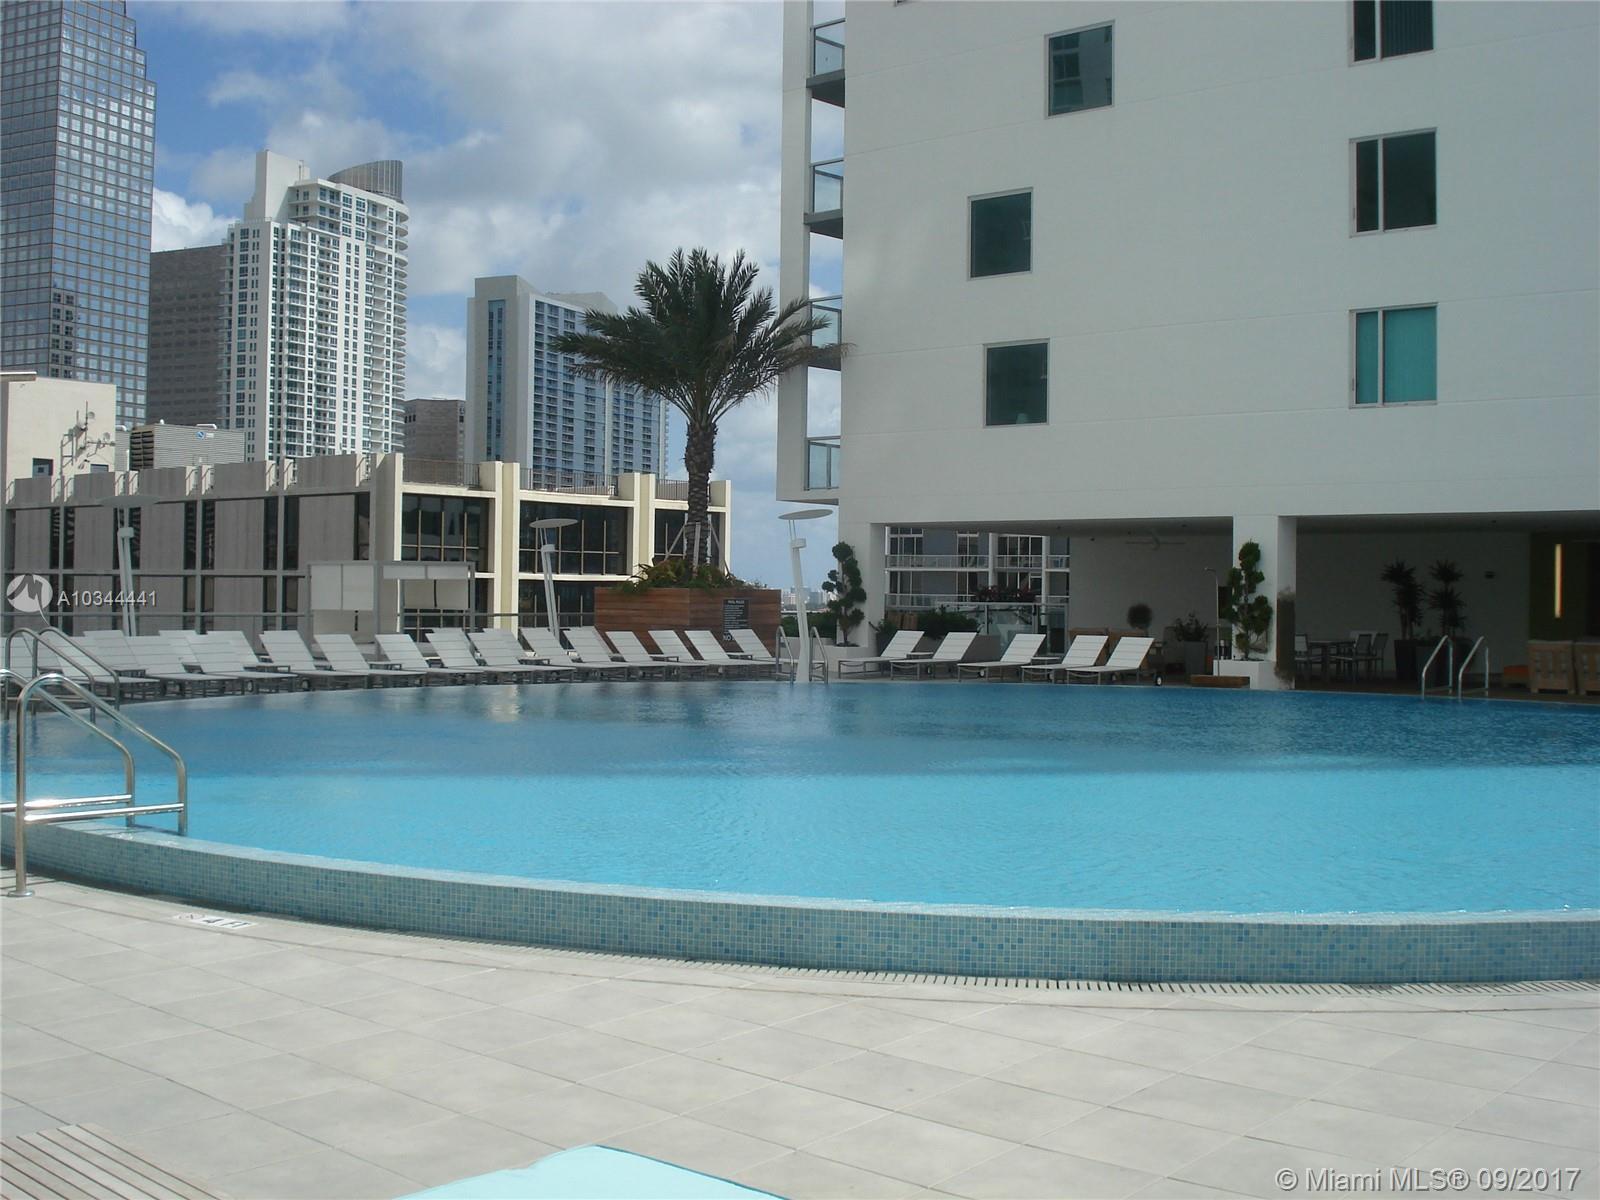 500 Brickell Avenue and 55 SE 6 Street, Miami, FL 33131, 500 Brickell #3707, Brickell, Miami A10344441 image #18